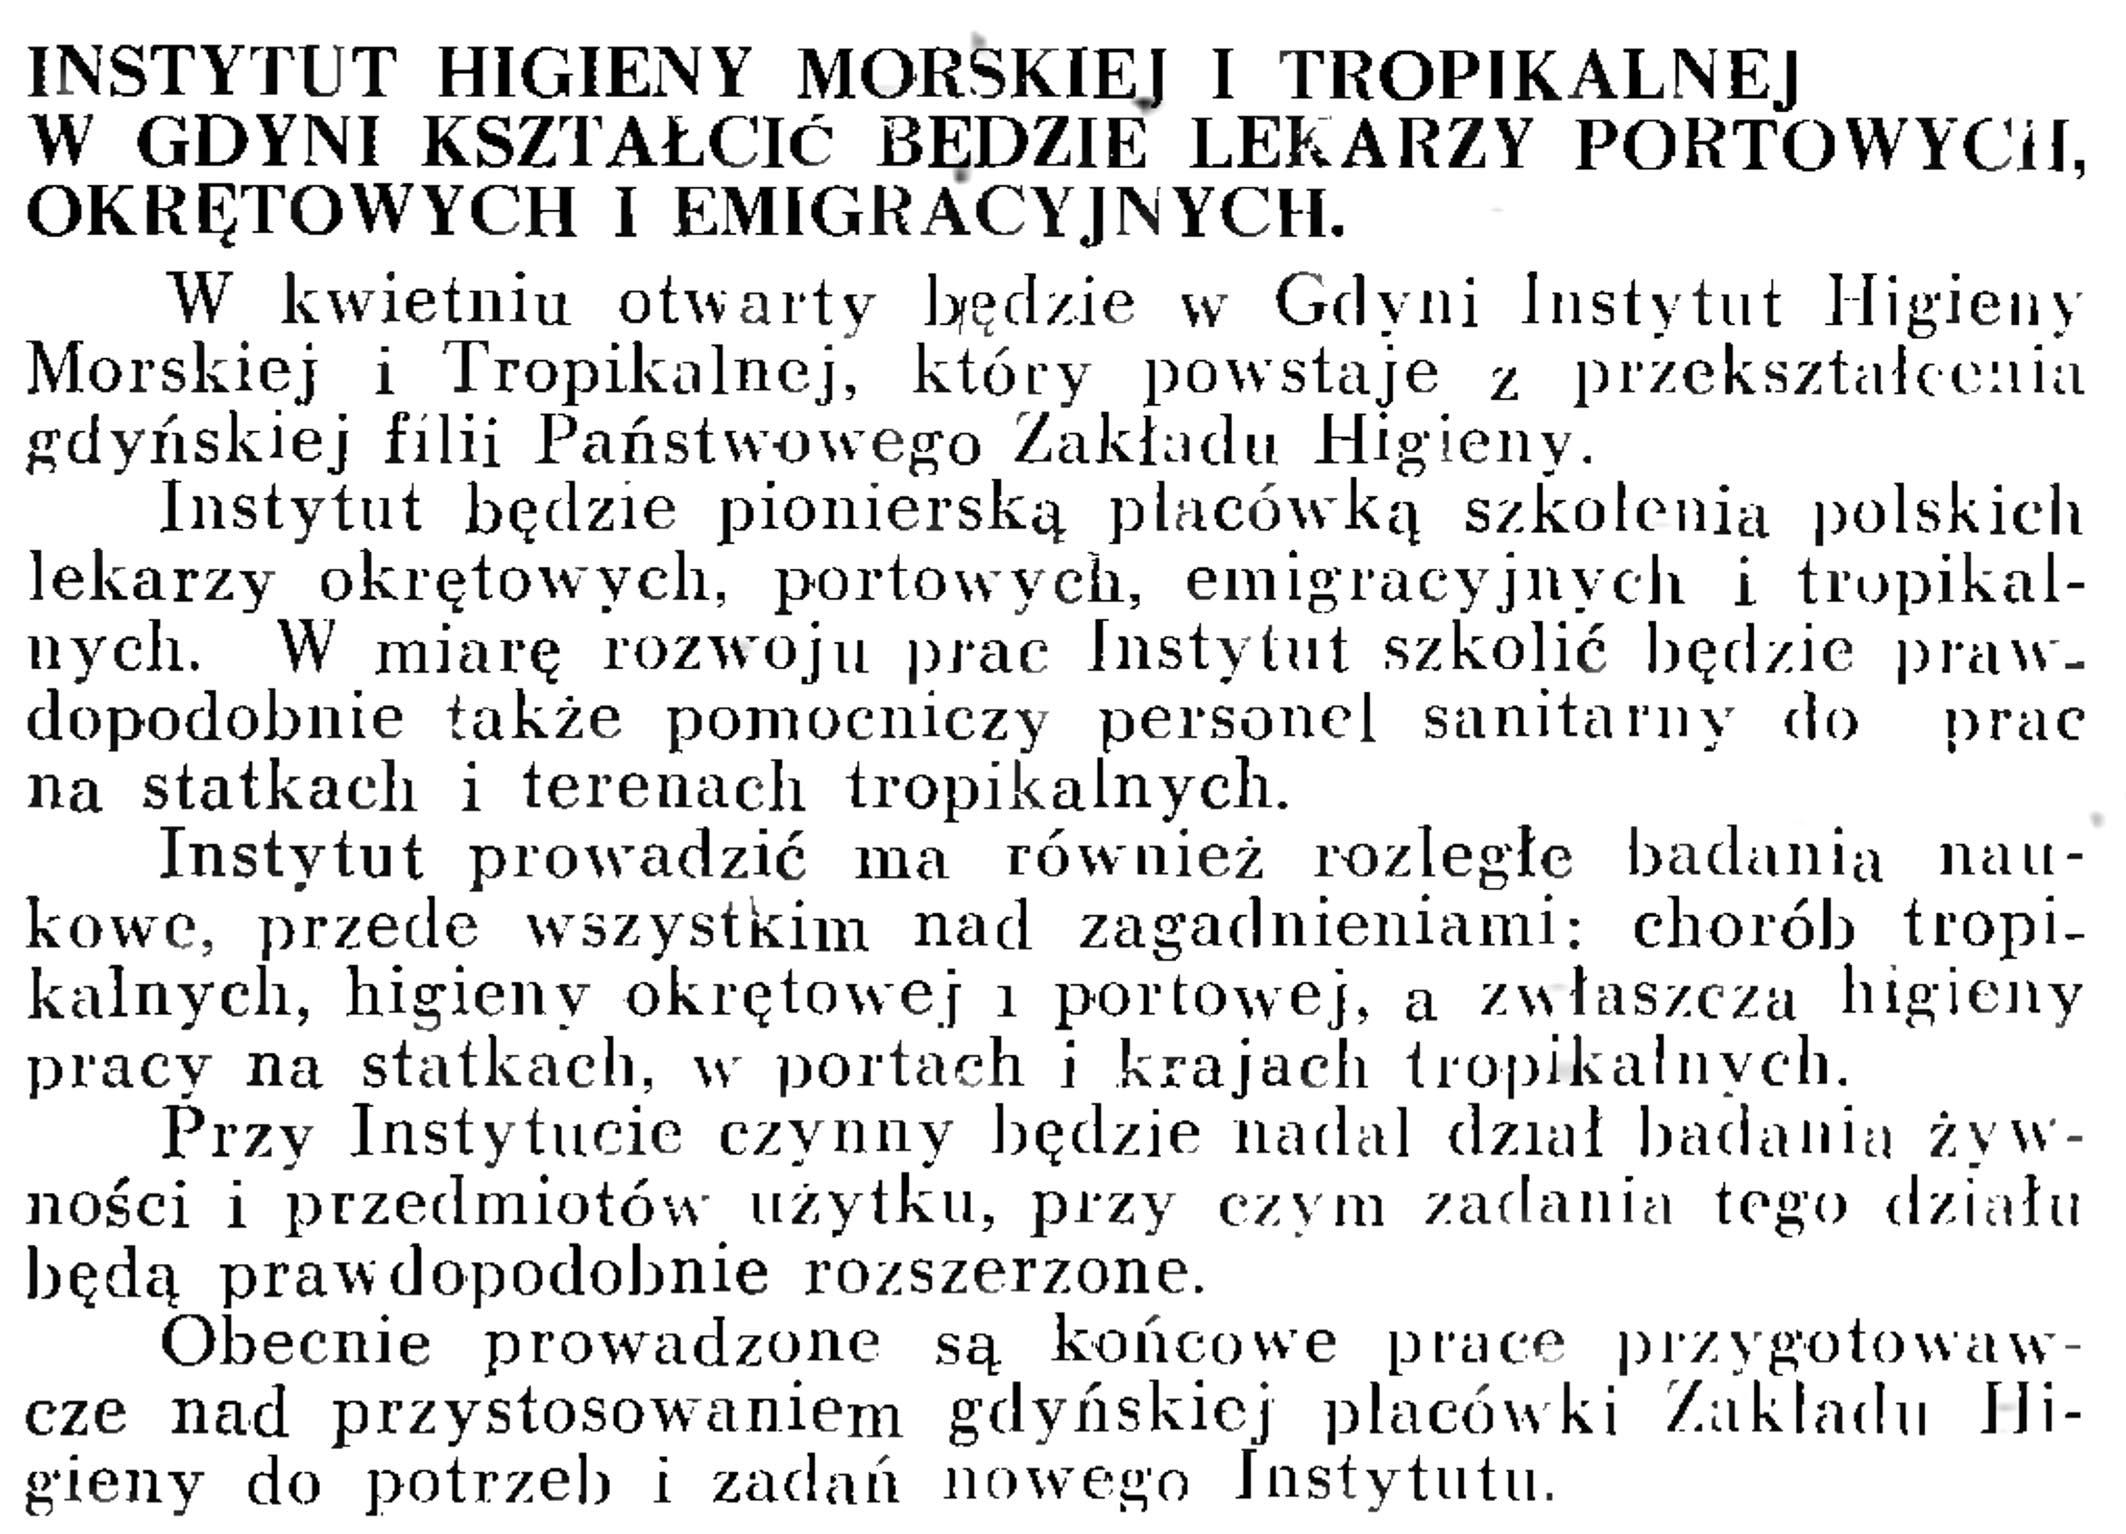 Instytut Higieny Morskiej i Tropikalnej w Gdyni kształcić będzie lekarzy portowych, okrętowych i emigracyjnych // Wiadomości Portowe. - 1939, nr 3, s. 16